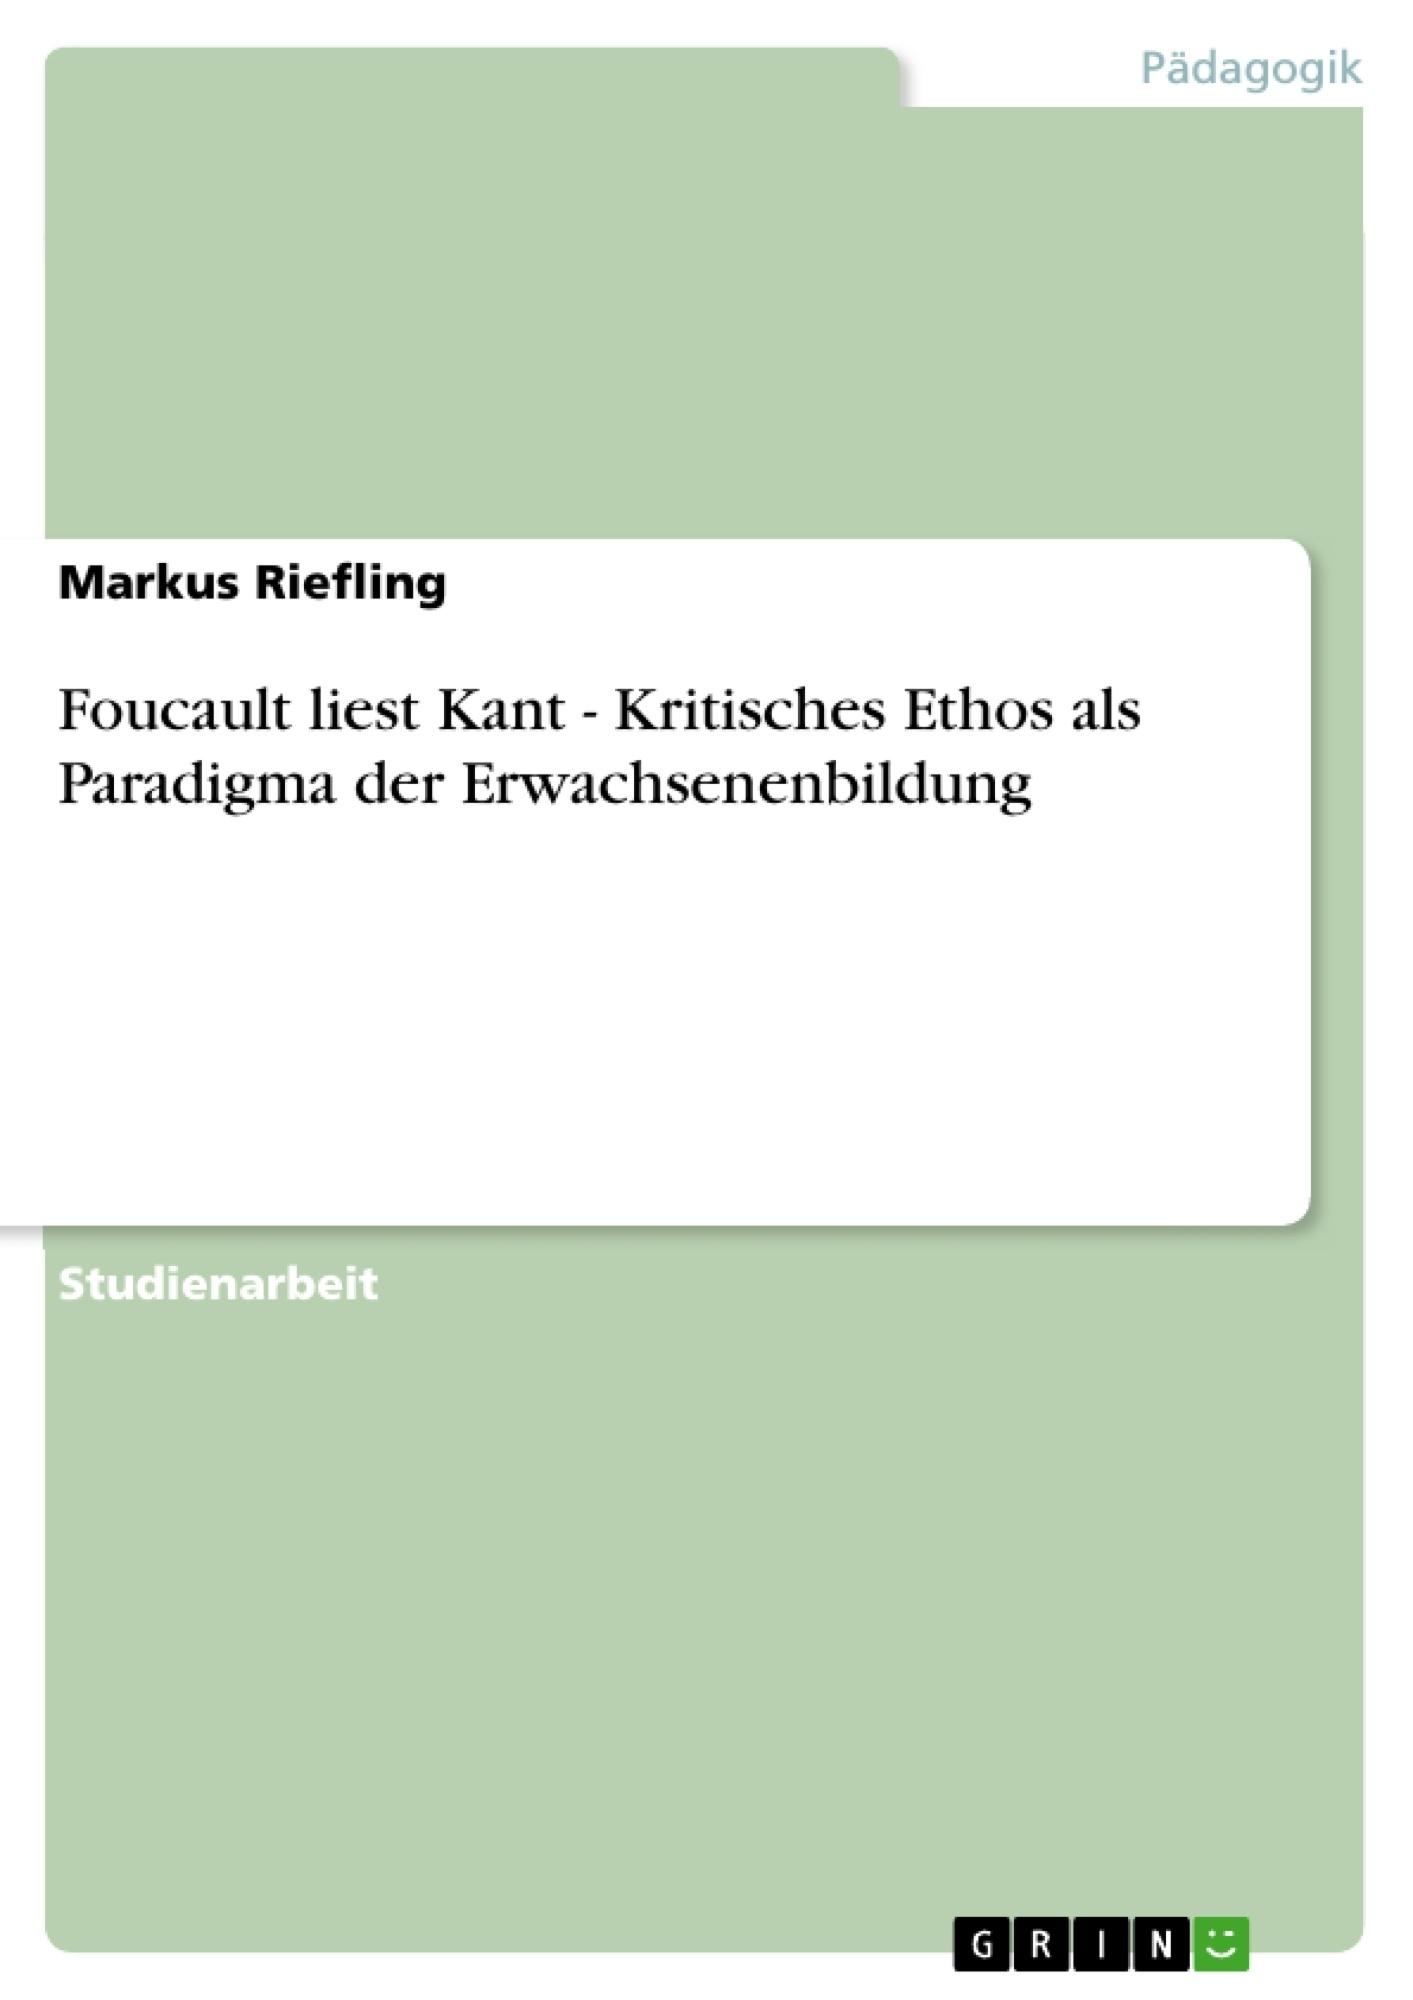 Titel: Foucault liest Kant - Kritisches Ethos als Paradigma der Erwachsenenbildung